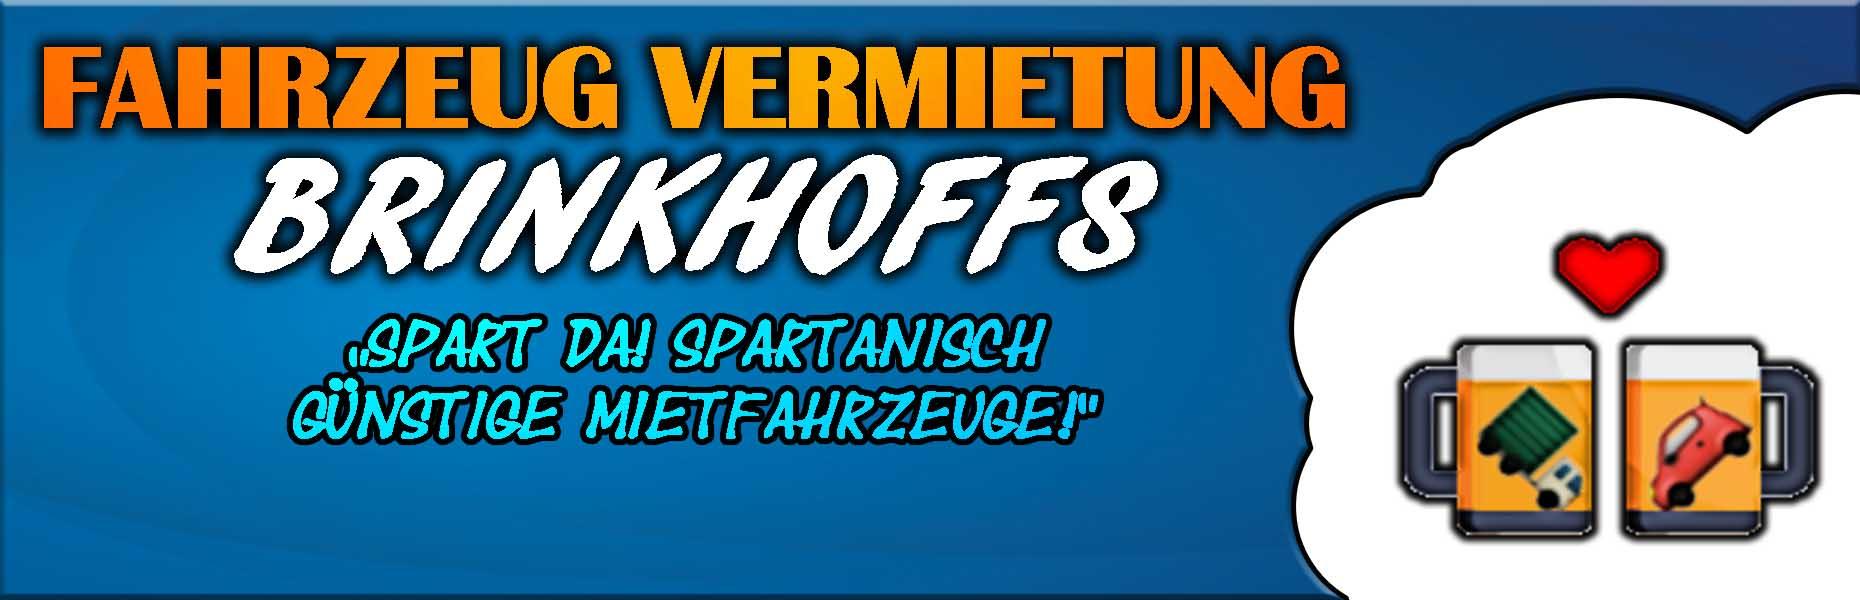 Fahrzeug Vermietung Brinkhoffs